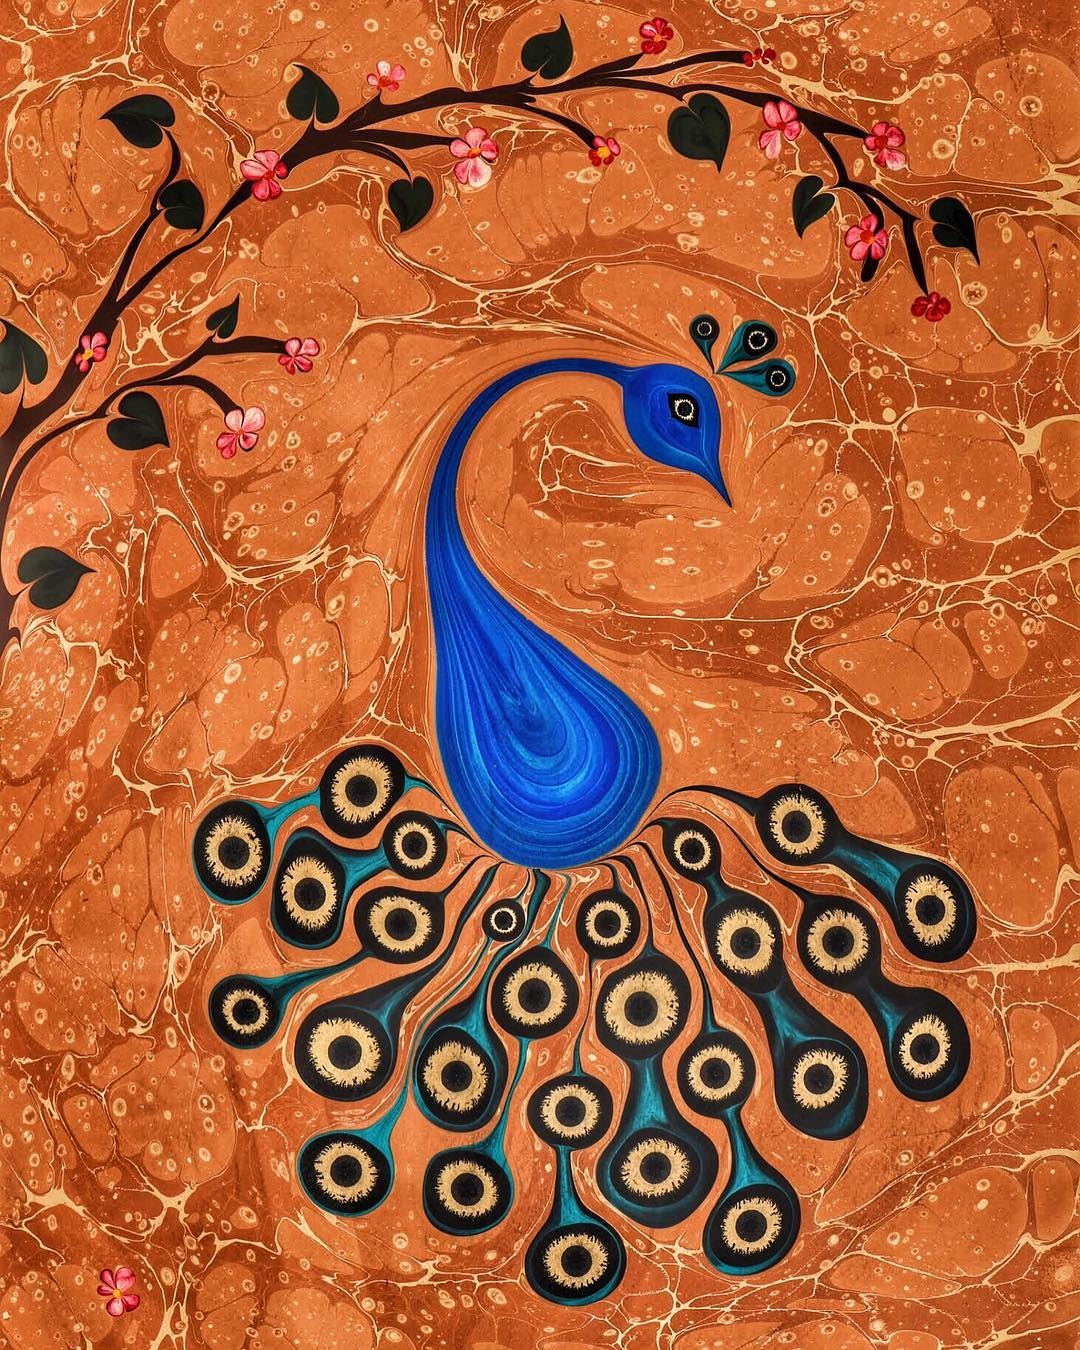 geleceginustalari Ebru | Birgül Tayfur (İstanbul) (Gelecegin Ustaları 5 – Üçüncülük ödülü) #gelece… 199